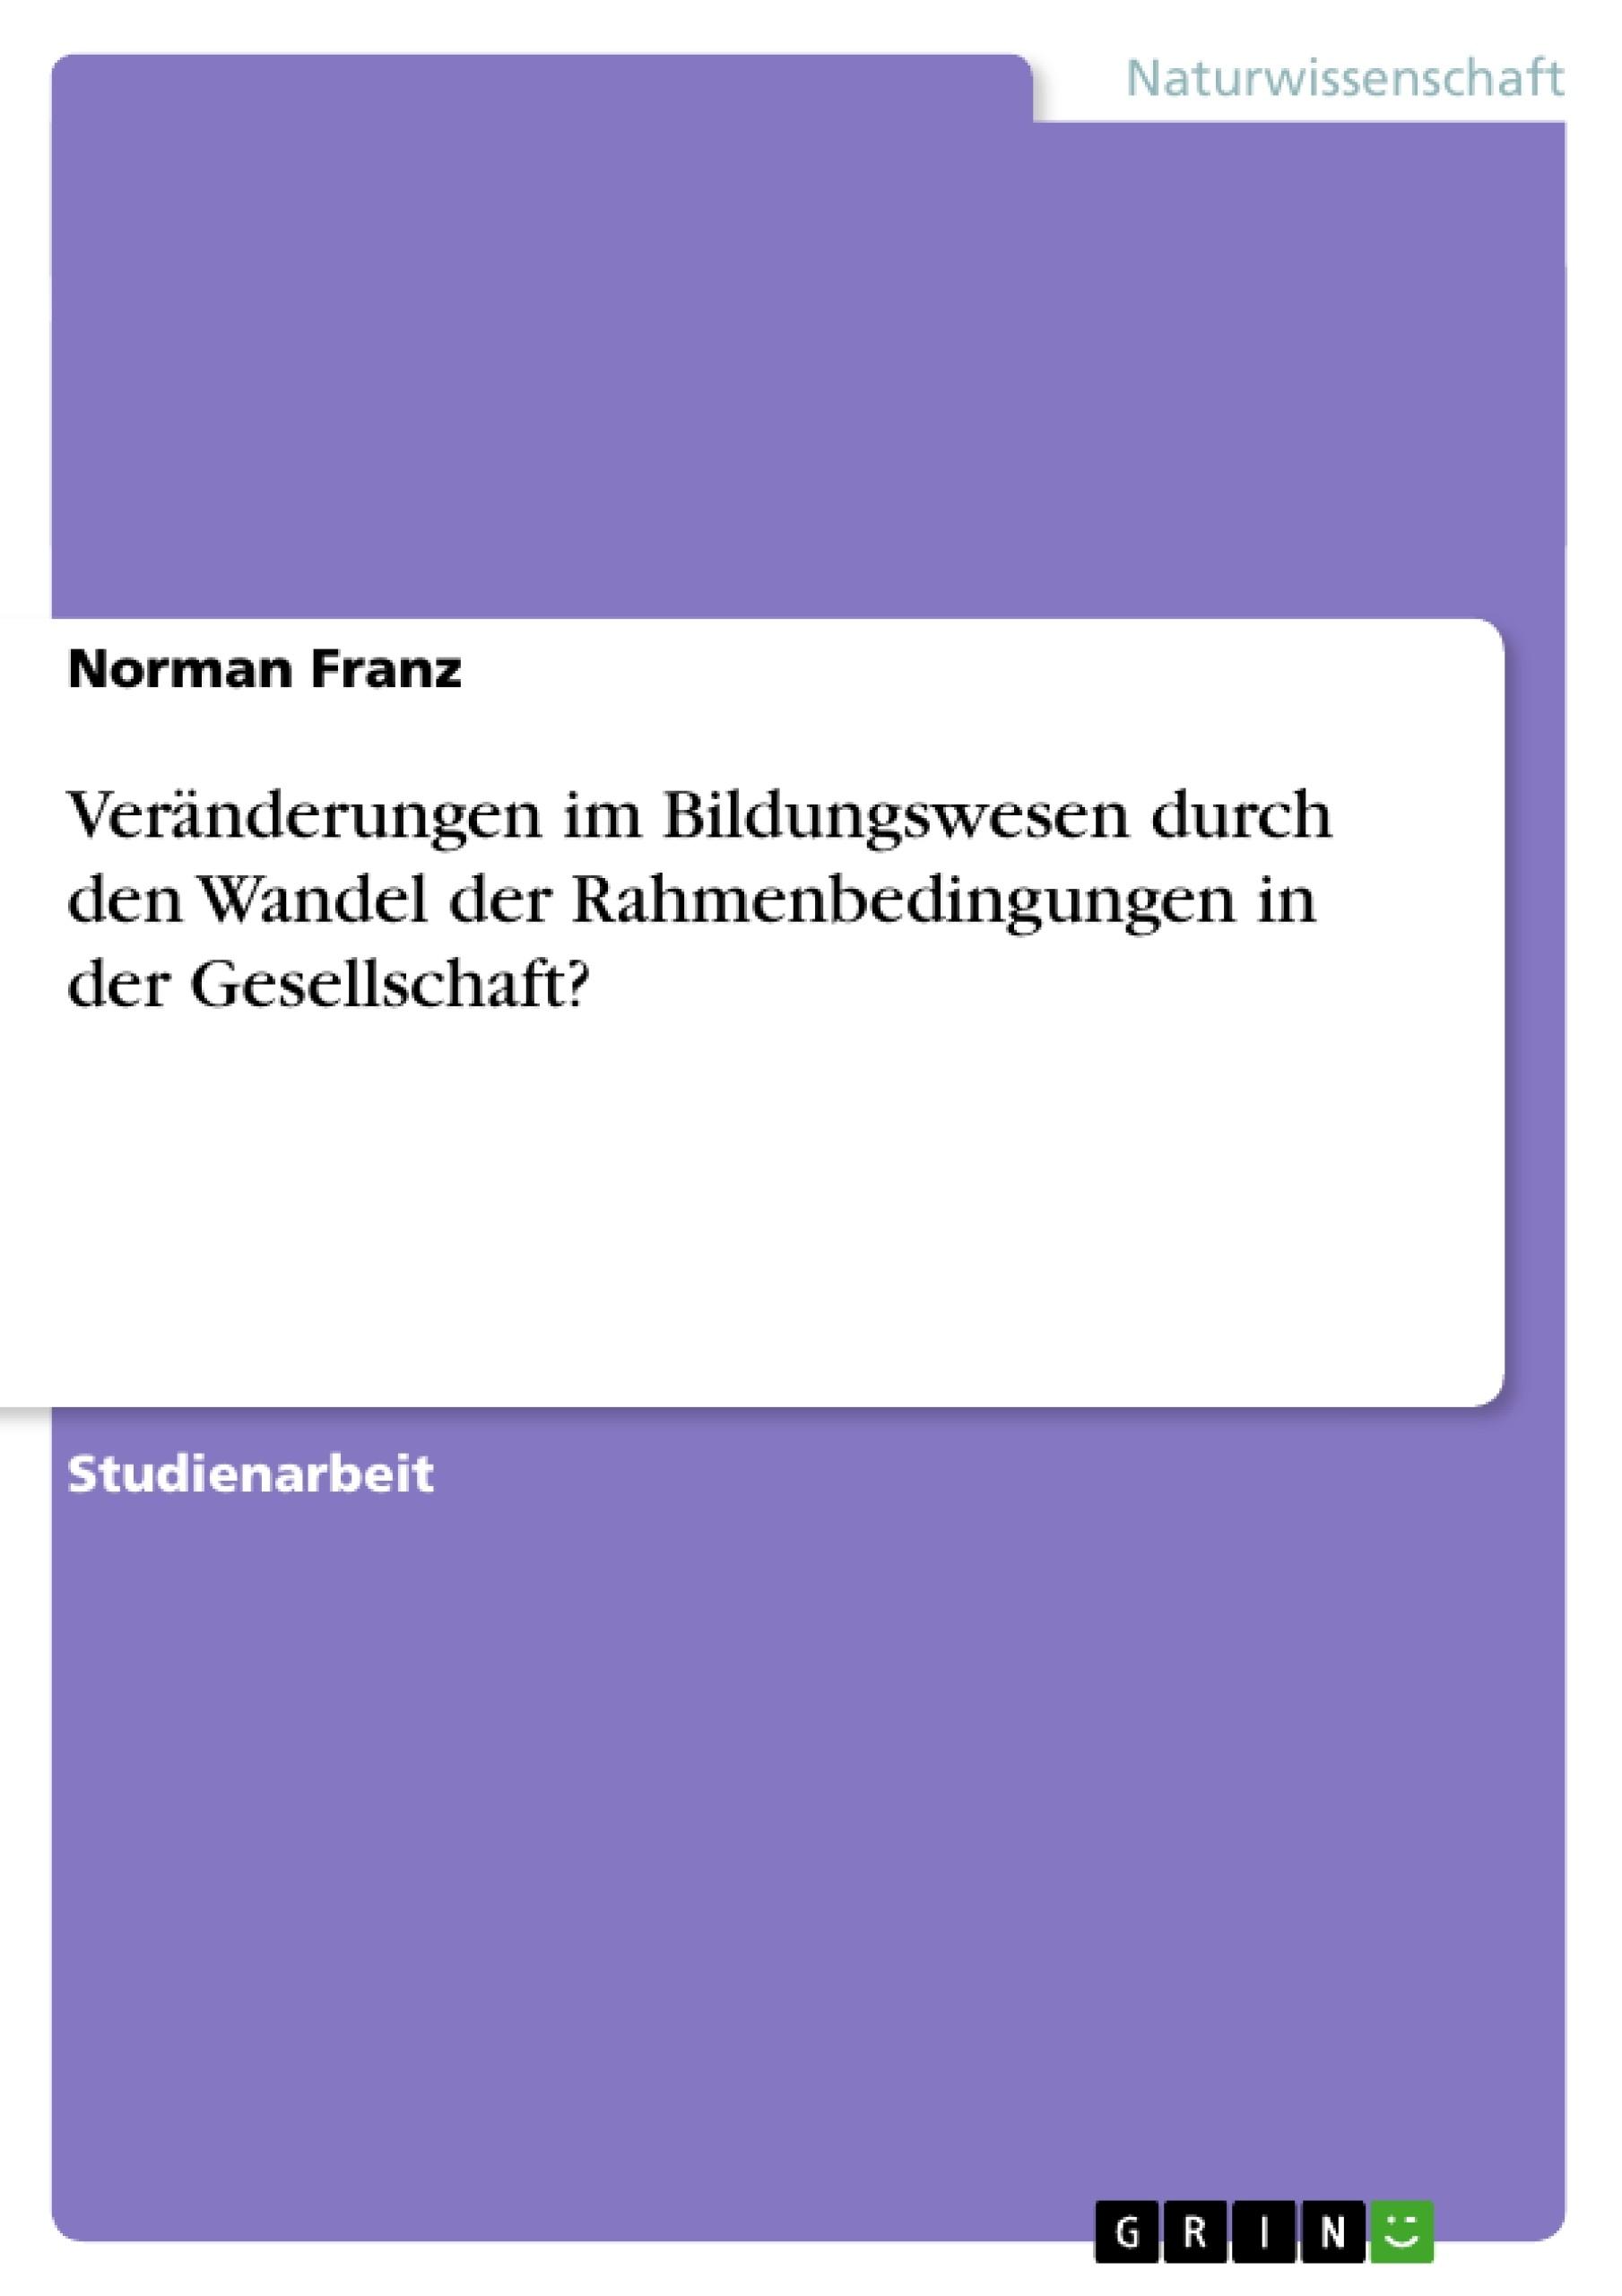 Titel: Veränderungen im Bildungswesen durch den Wandel der Rahmenbedingungen in der Gesellschaft?